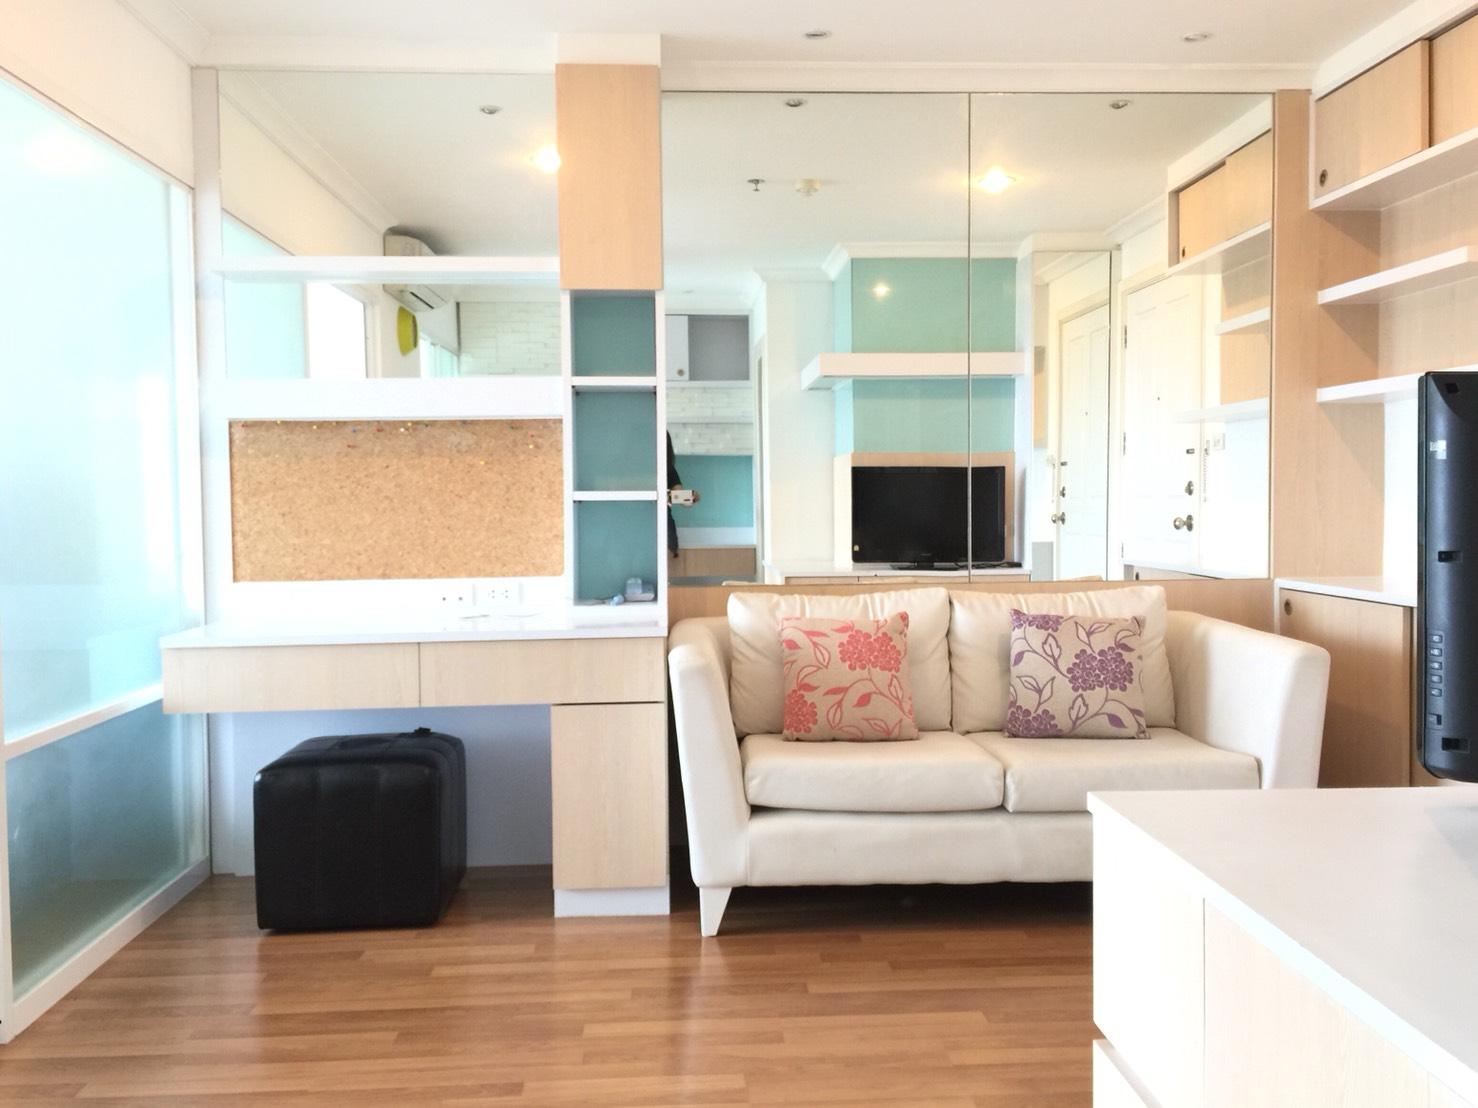 ให้เช่าคอนโด Lumpini Place Rama IX-Ratchada (ลุมพินี เพลส พระราม 9-รัชดา) 1 ห้องนอน